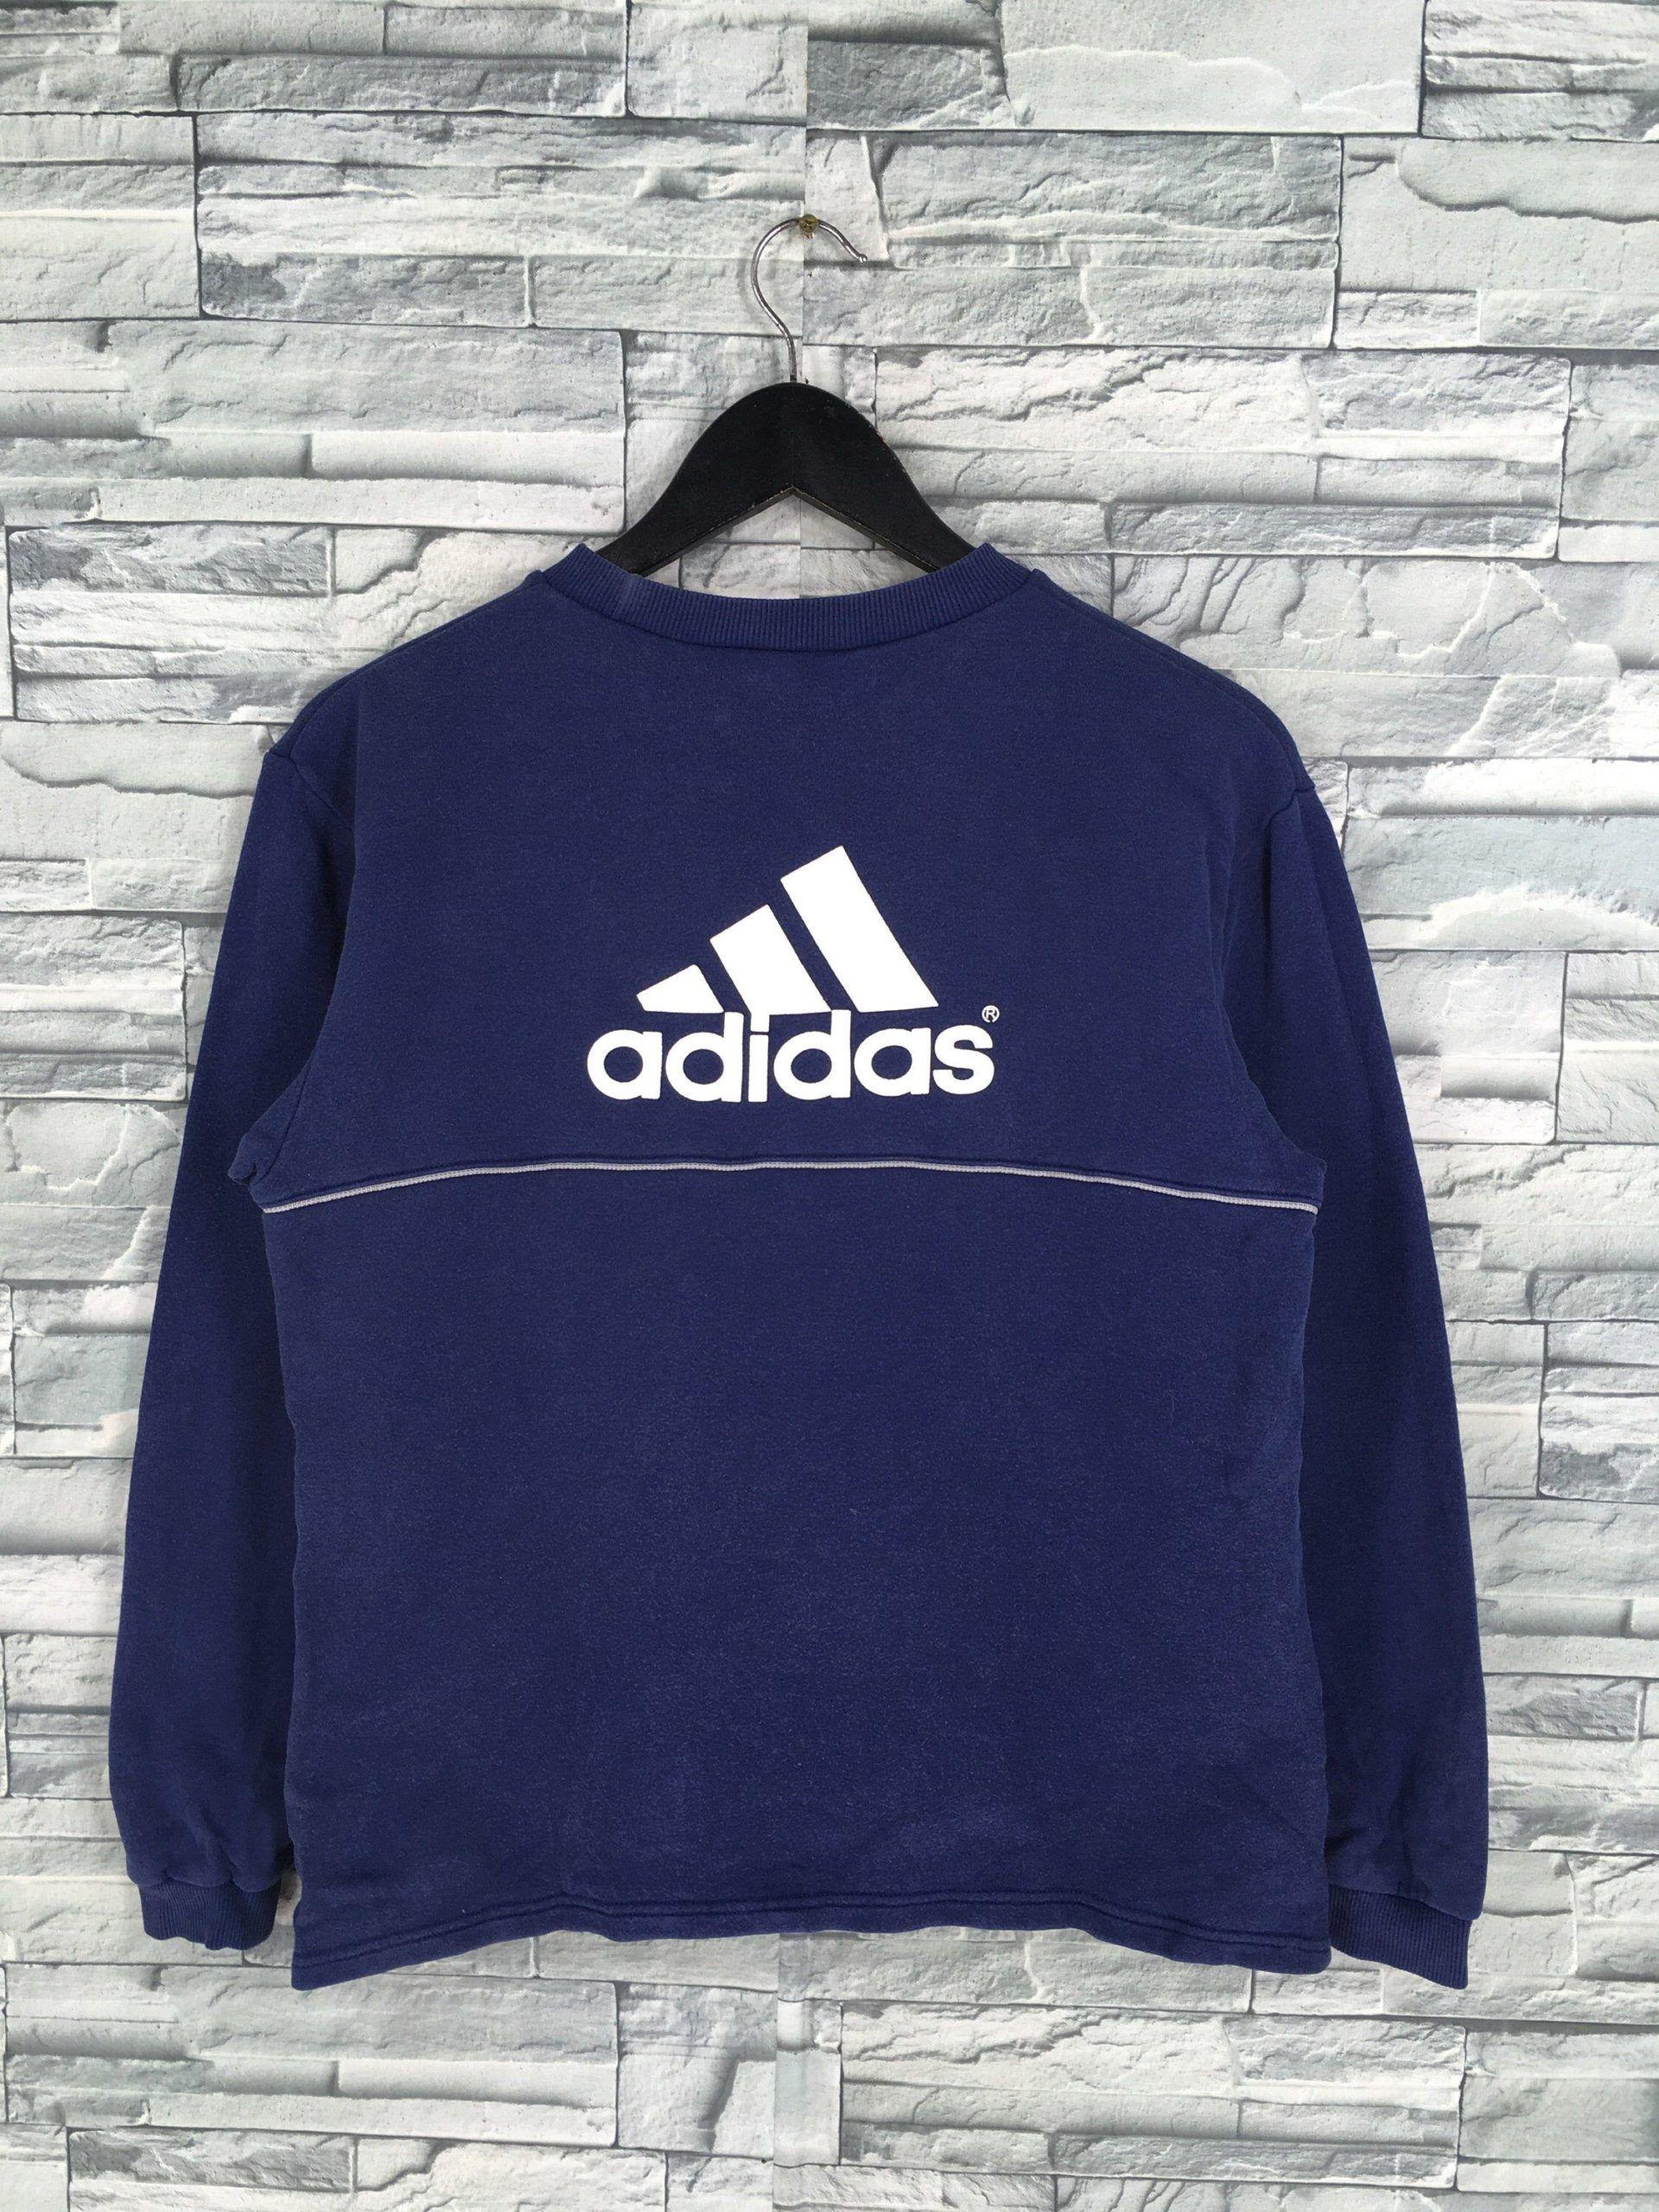 Vintage Adidas Sweatshirt Women Small Adidas Sportswear Blue Adidas Three Stripes Jumper Adidas Equipment Blue In 2020 Adidas Three Stripes Adidas Sweatshirt Blue Adidas